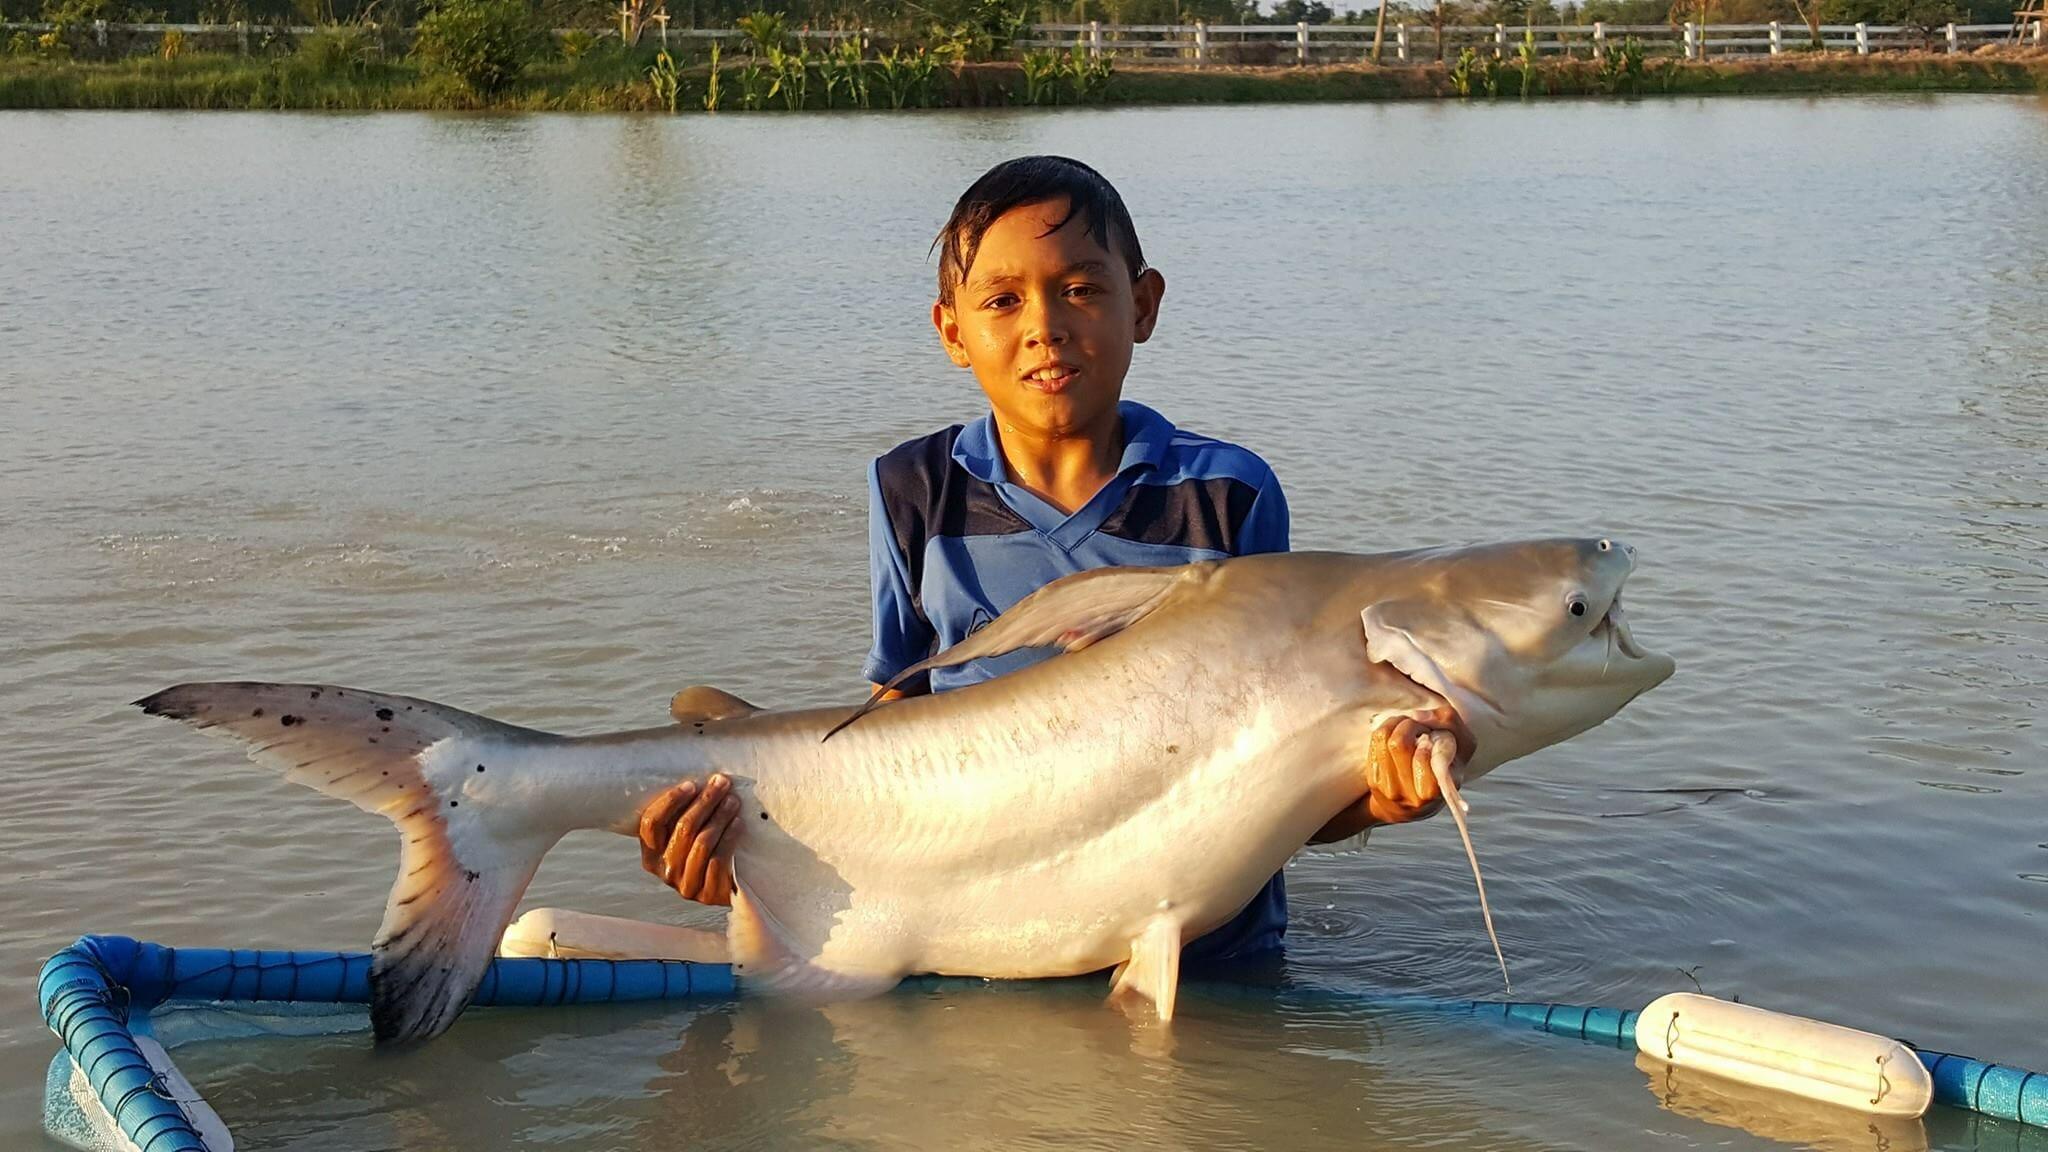 Giant Dog Eating Catfish Caught On